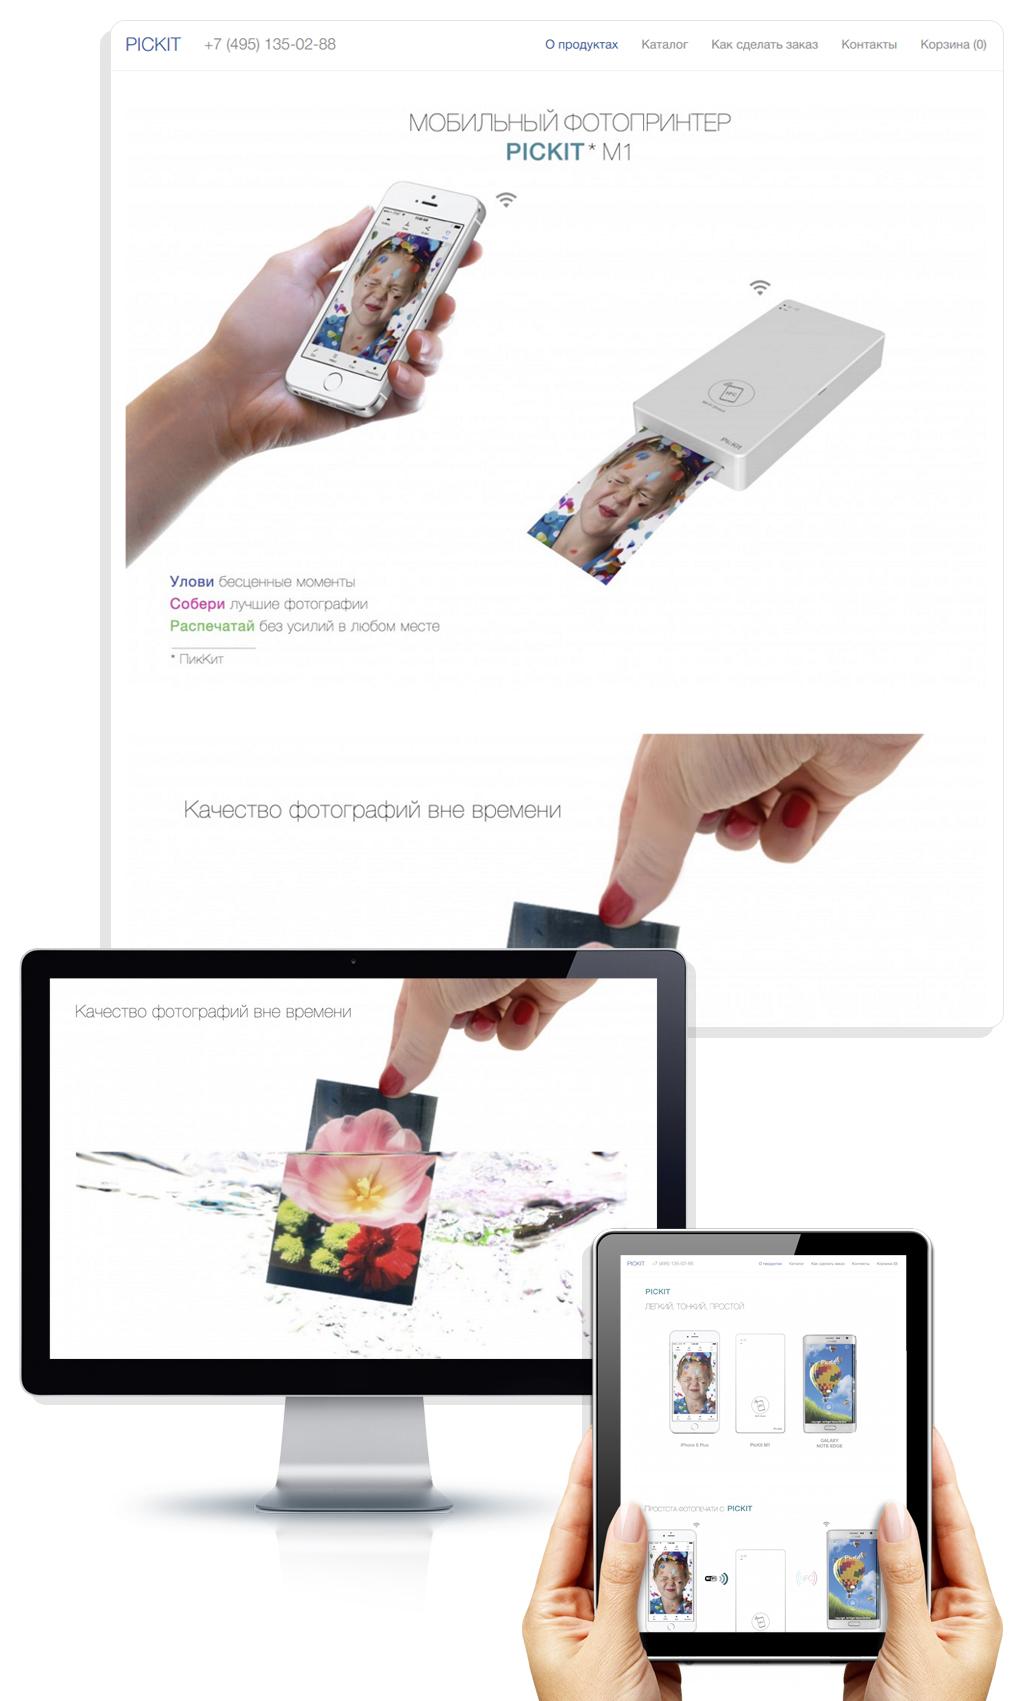 Адаптивный интернет-магазин светильников фотопринтеров PICKIT